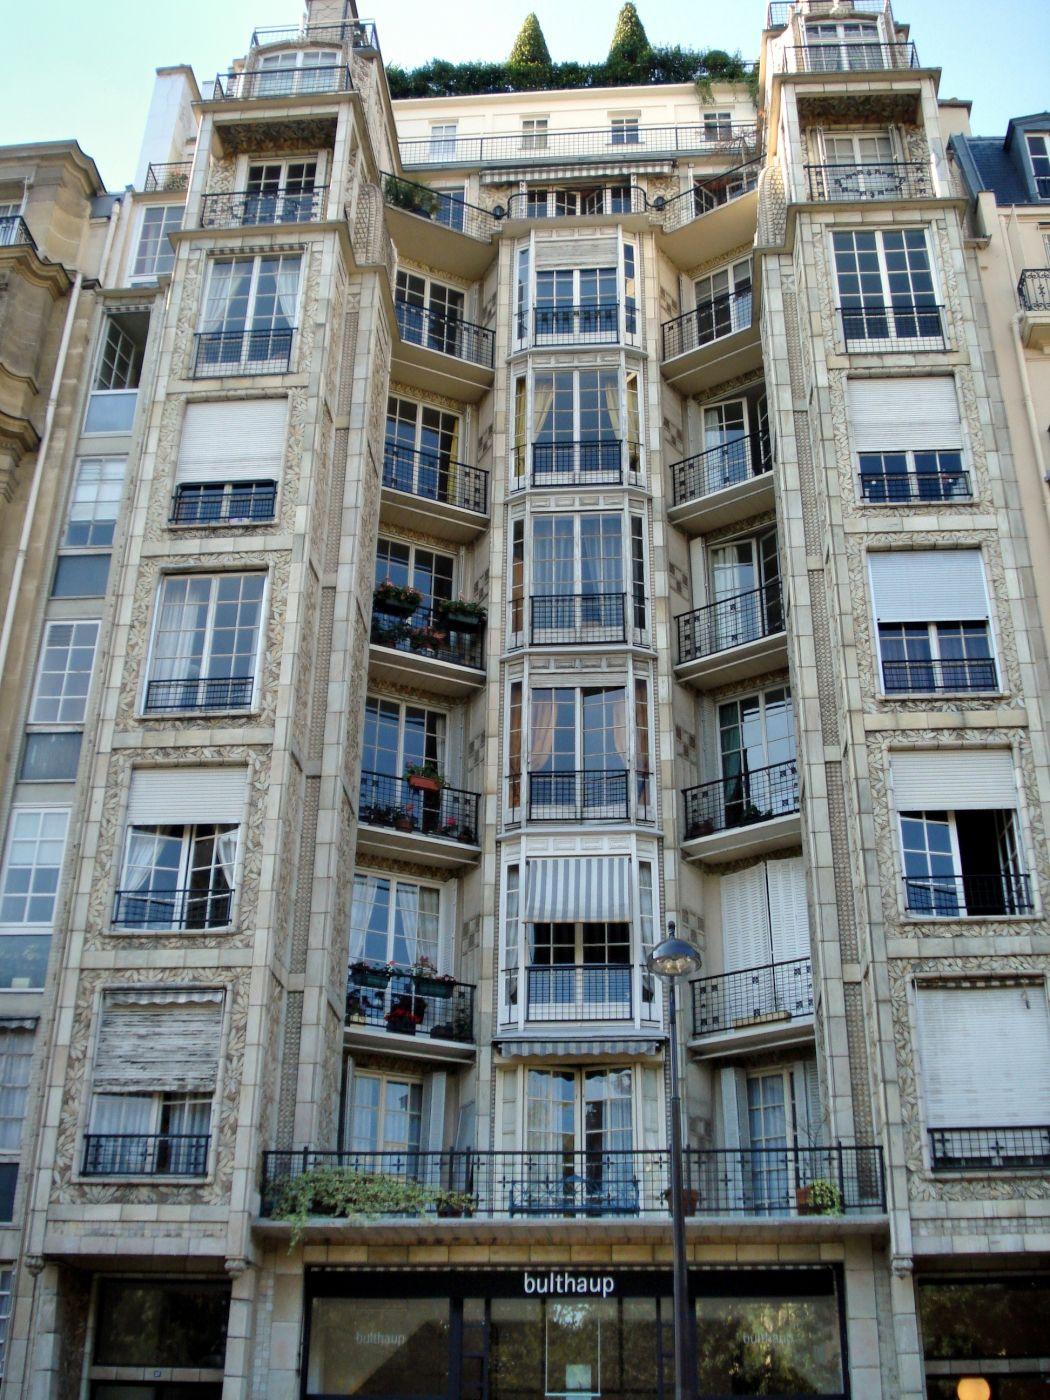 Apartment building by auguste perret 1903 rue franklin 25 paris france architektur - Beruhmte architektur ...